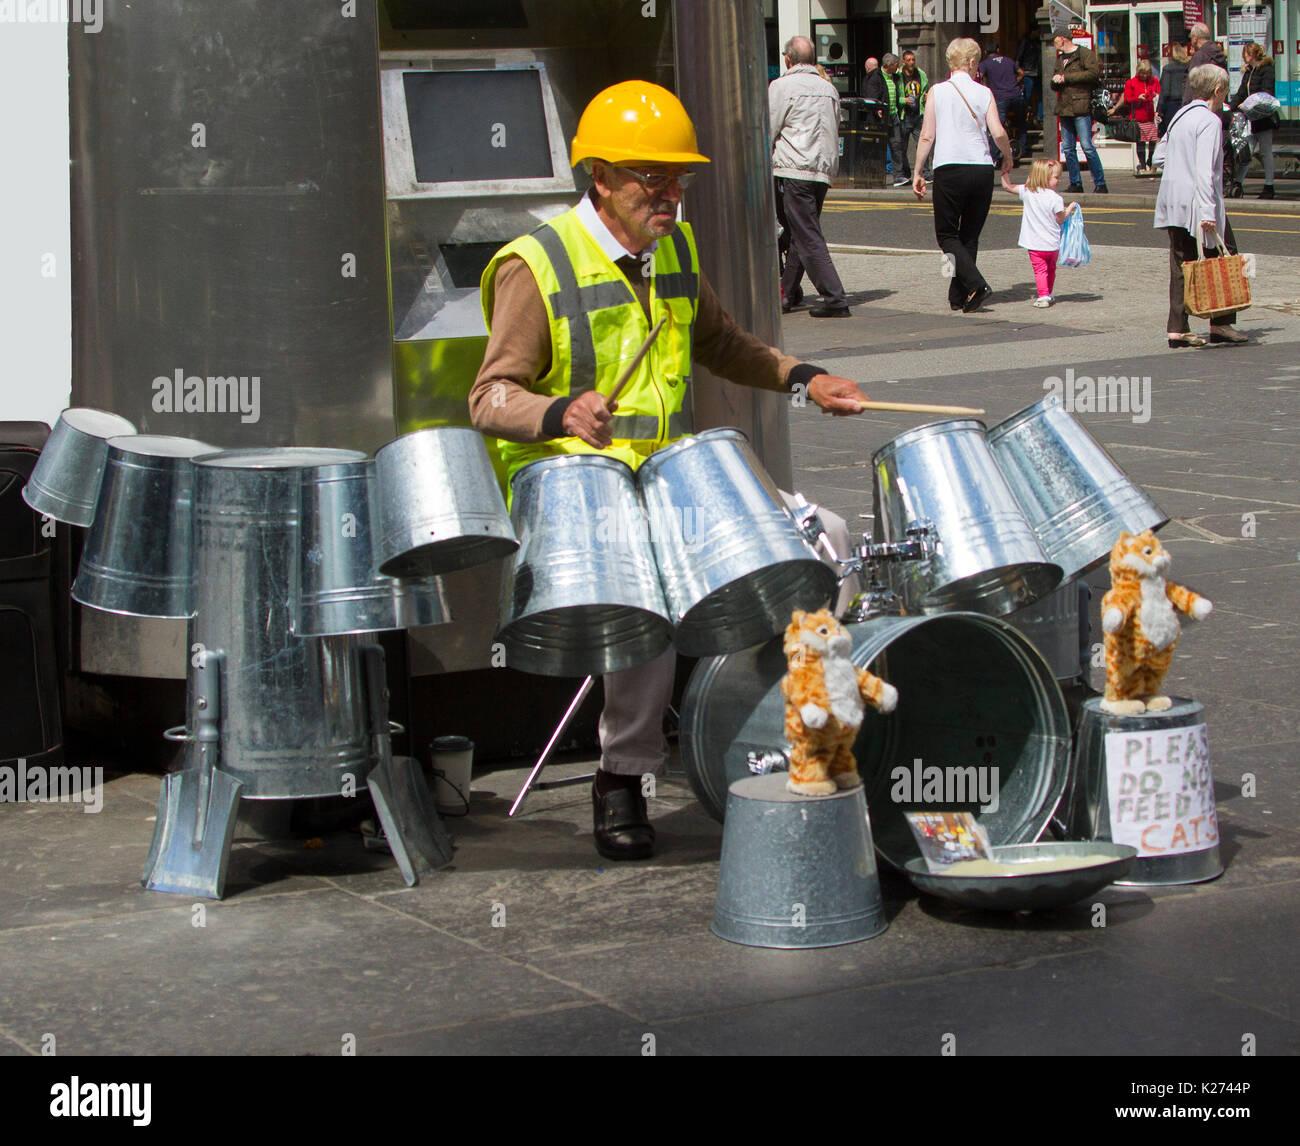 Busker, Techno scomparto stagno uomo, INDOSSARE ELMETTO & alta visibilità giacca e la riproduzione di musica sui bidoni di metallo nella città di Glasgow, Scozia Immagini Stock